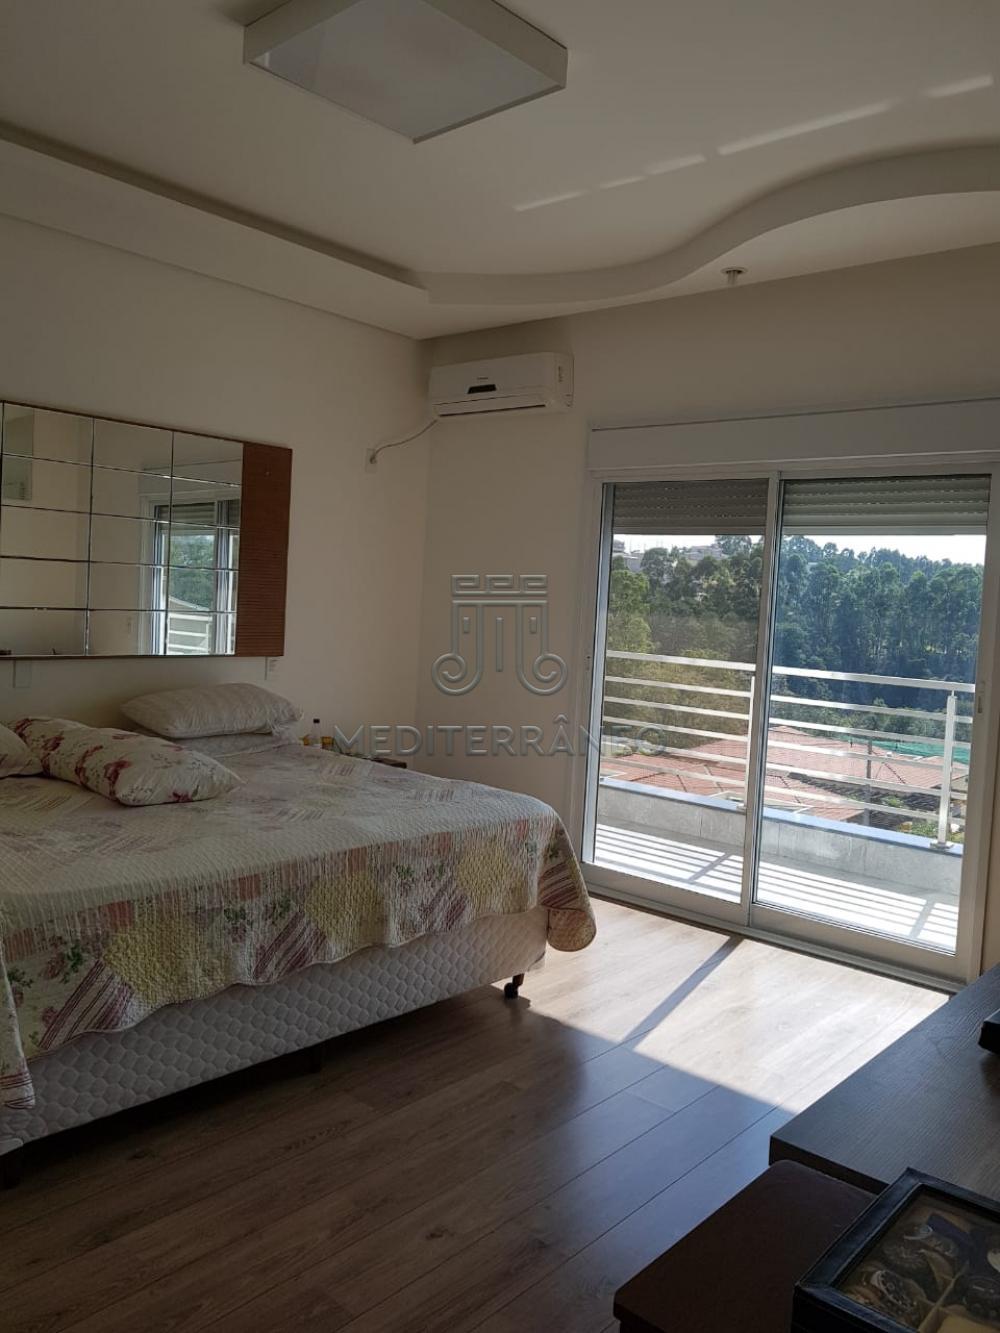 Comprar Casa / Condomínio em Itupeva apenas R$ 950.000,00 - Foto 13